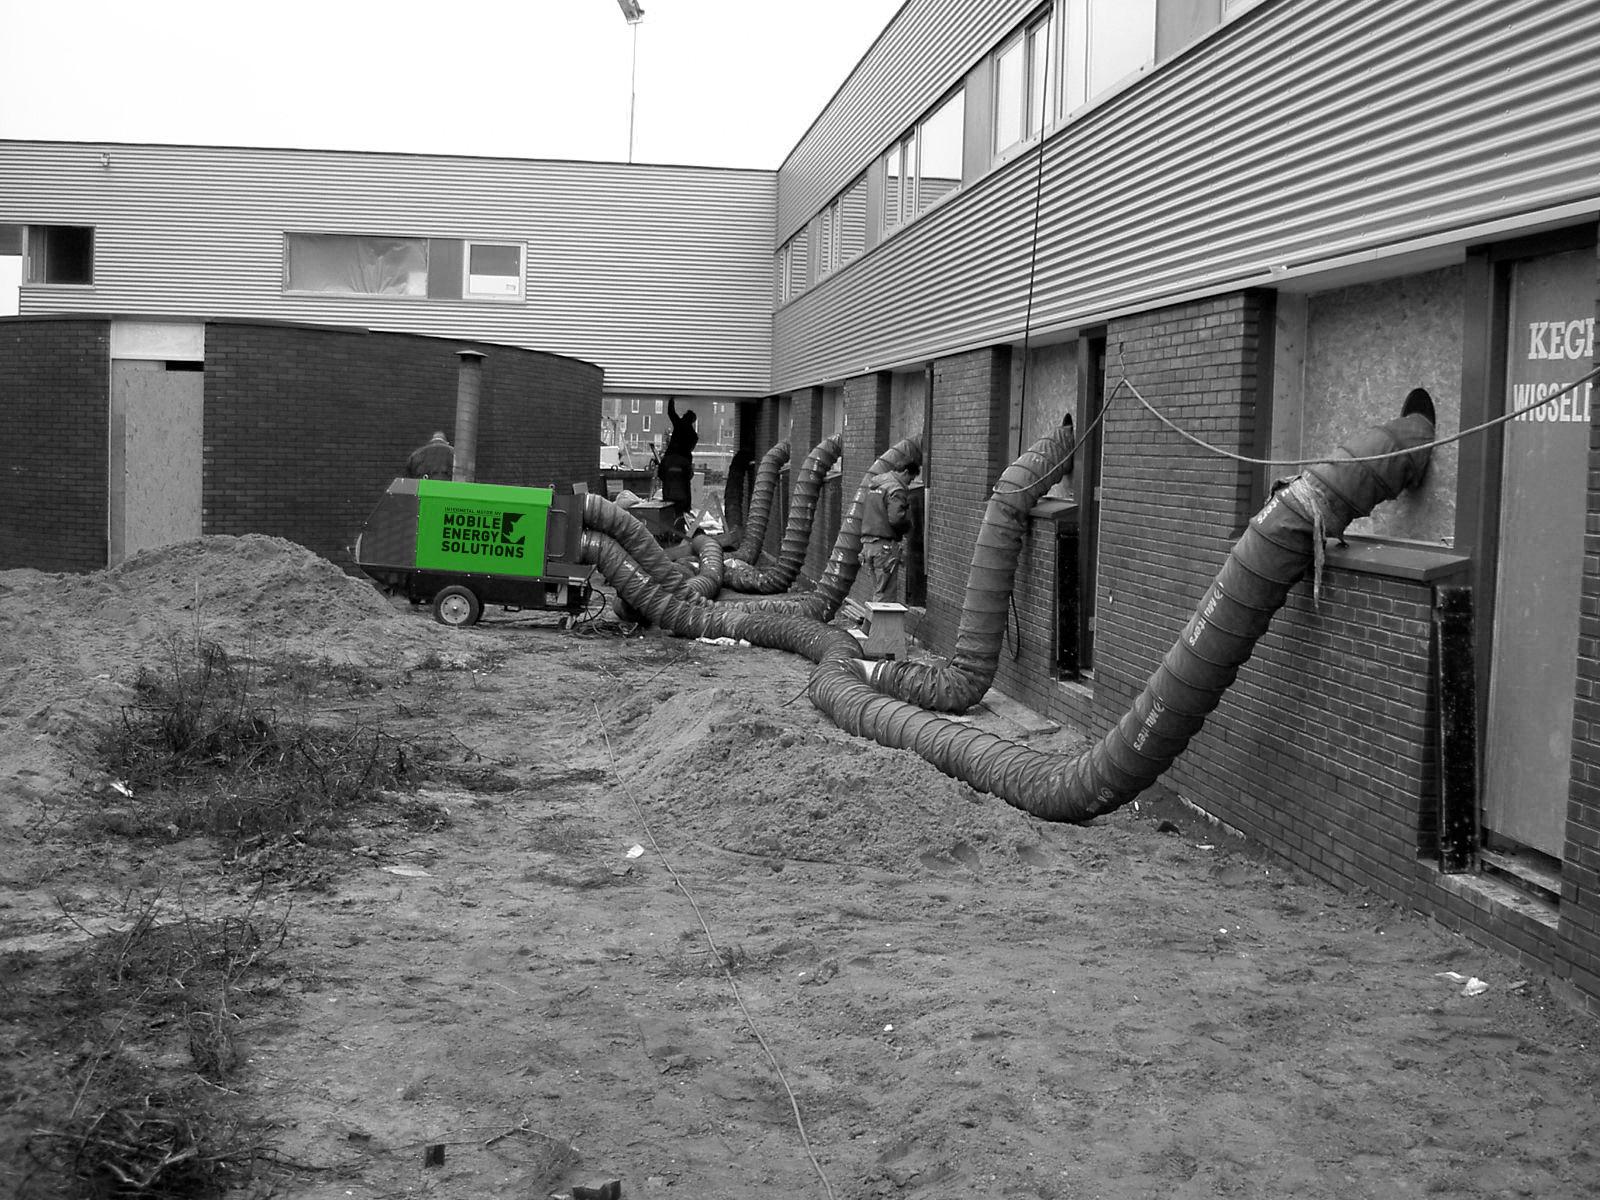 8) Mobiele verwarming appartementen in aanbouw